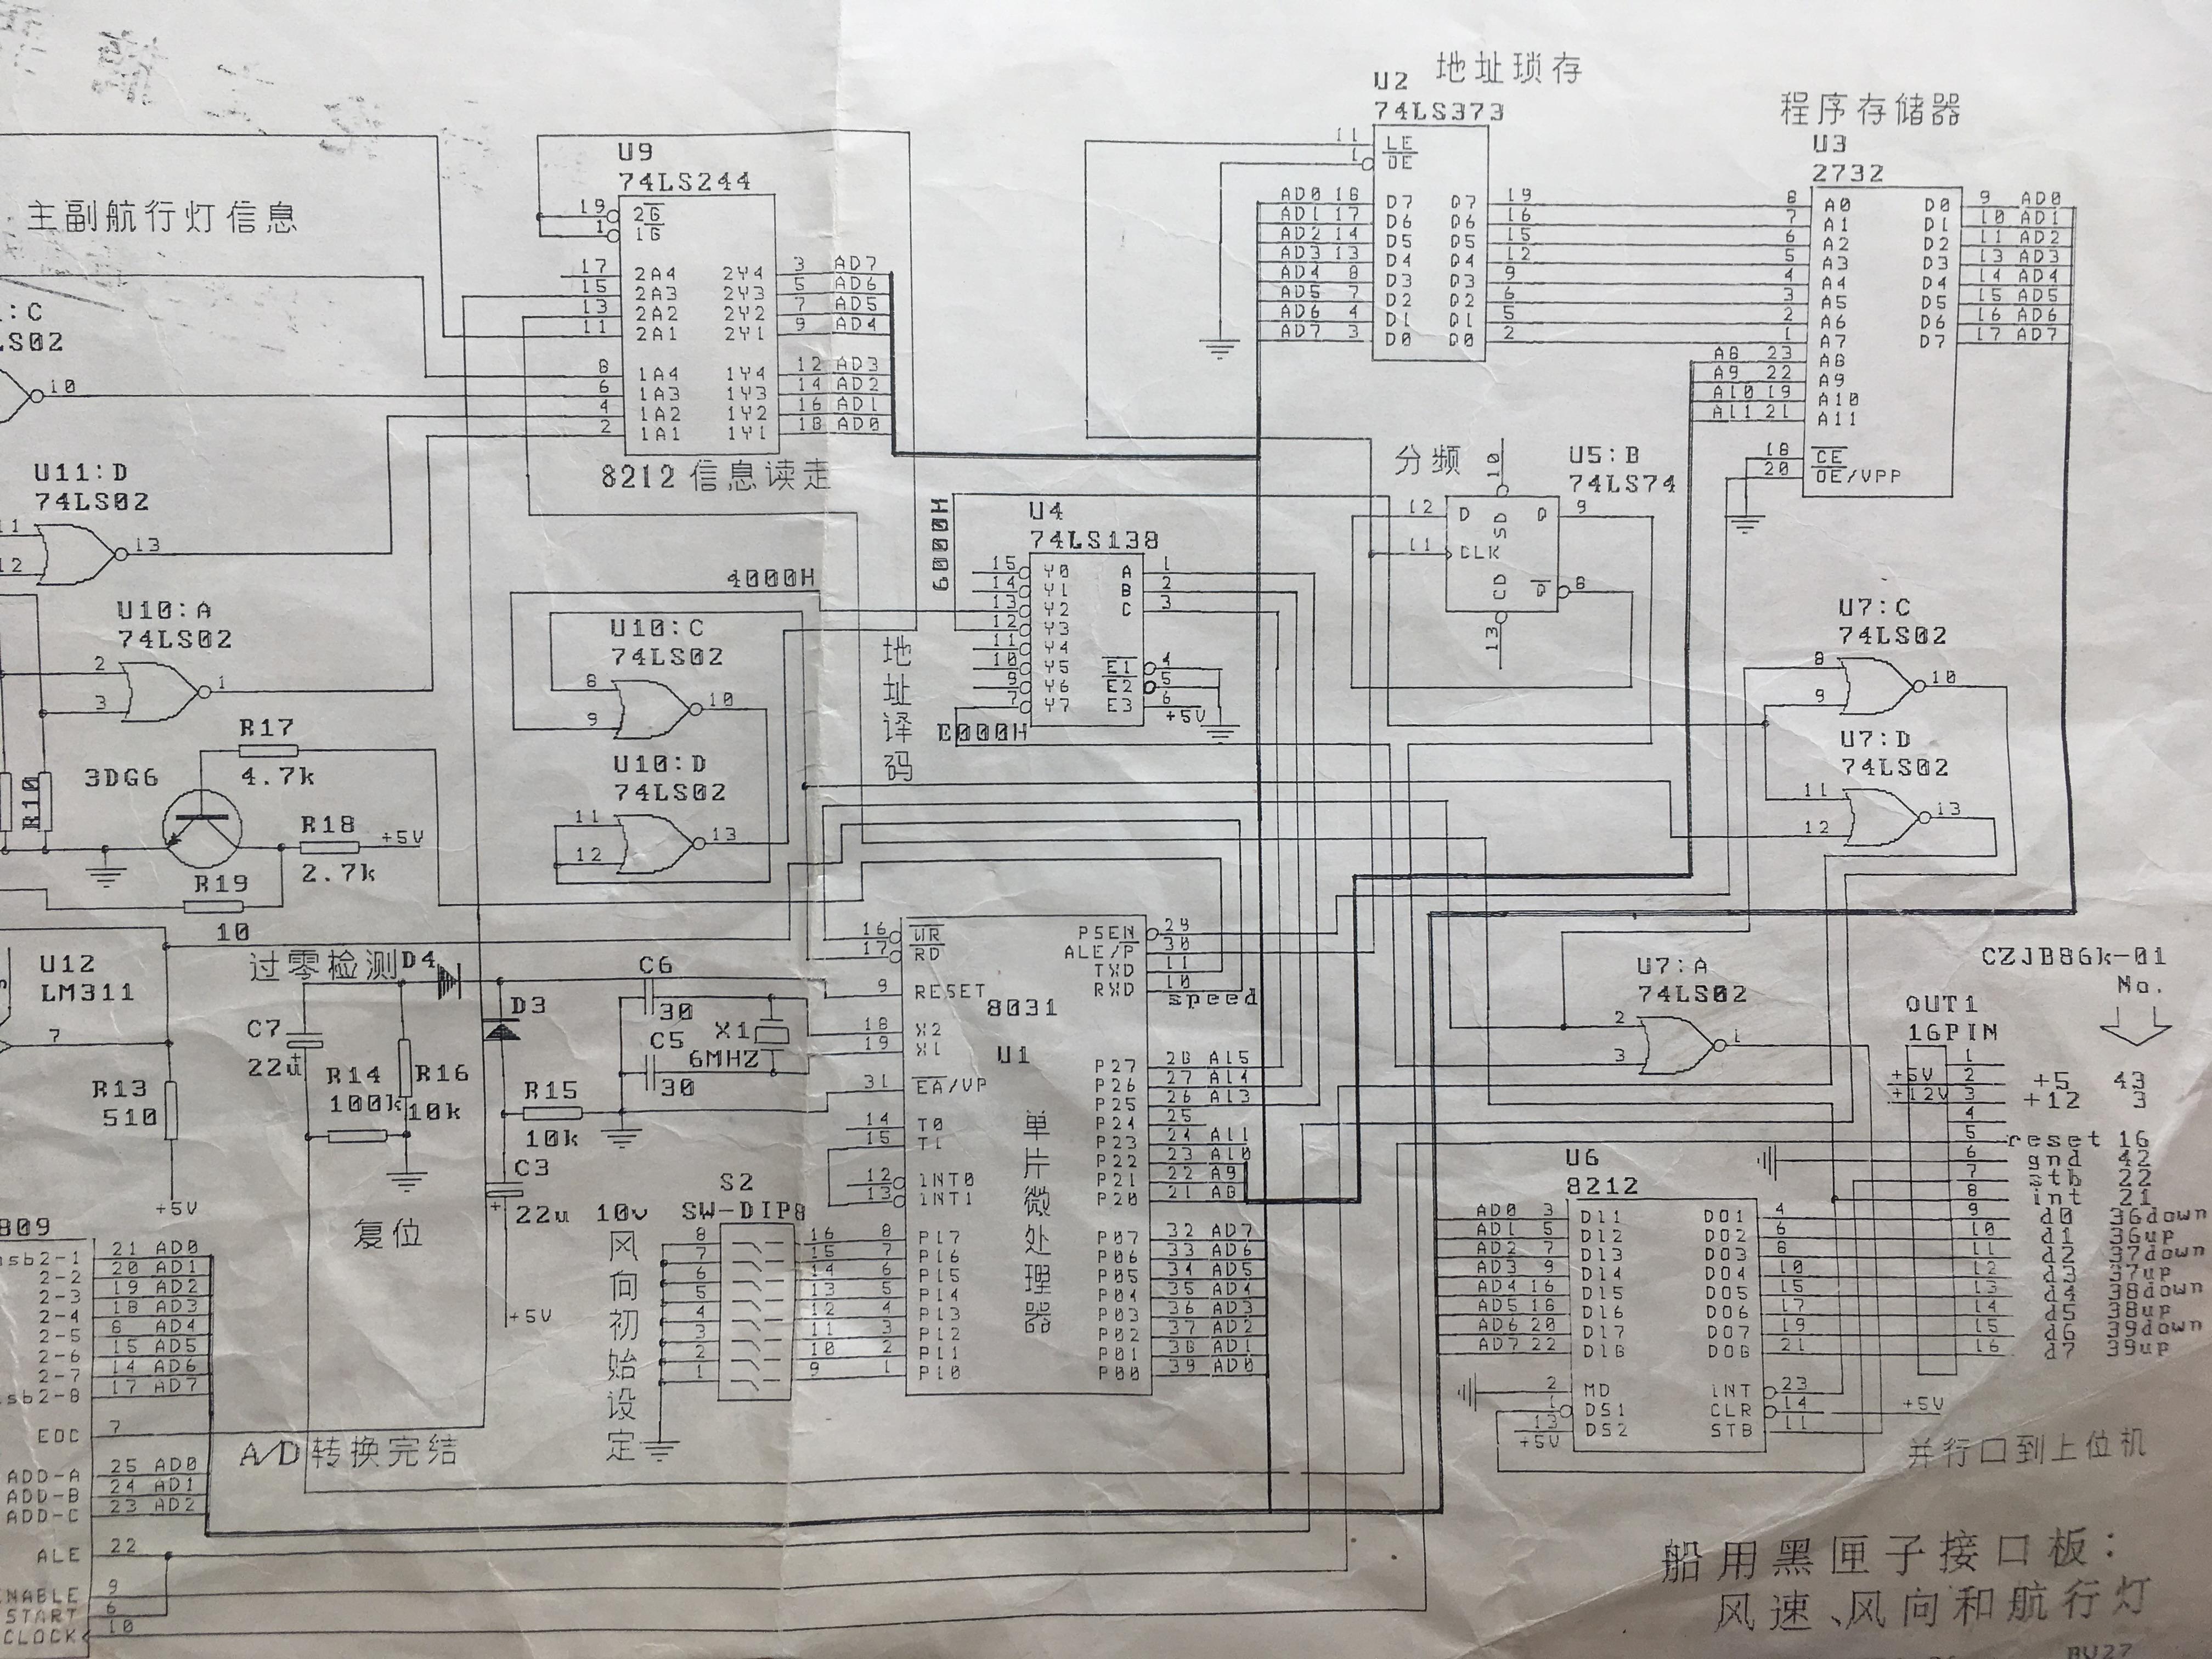 9BEF3B83-9D05-4F47-94D5-29E7F7F2D5EE.jpeg